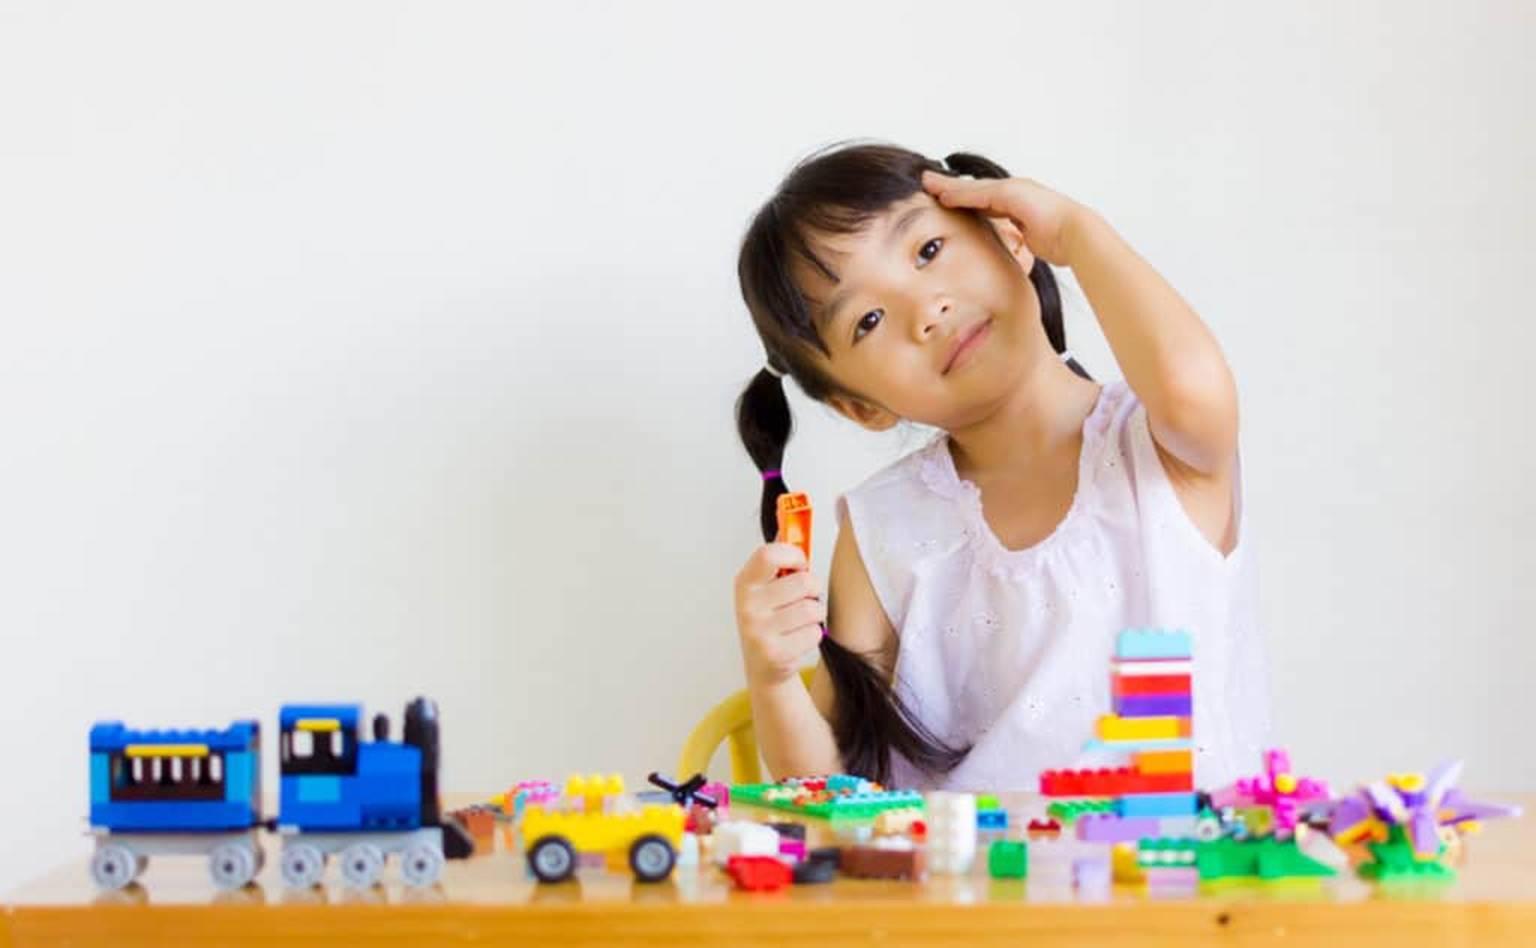 Giáo sư Đại học Harvard chỉ ra 3 thời kỳ trí não phát triển đỉnh cao của con, bố mẹ phải biết sớm để khỏi tiếc ngẩn ngơ-2